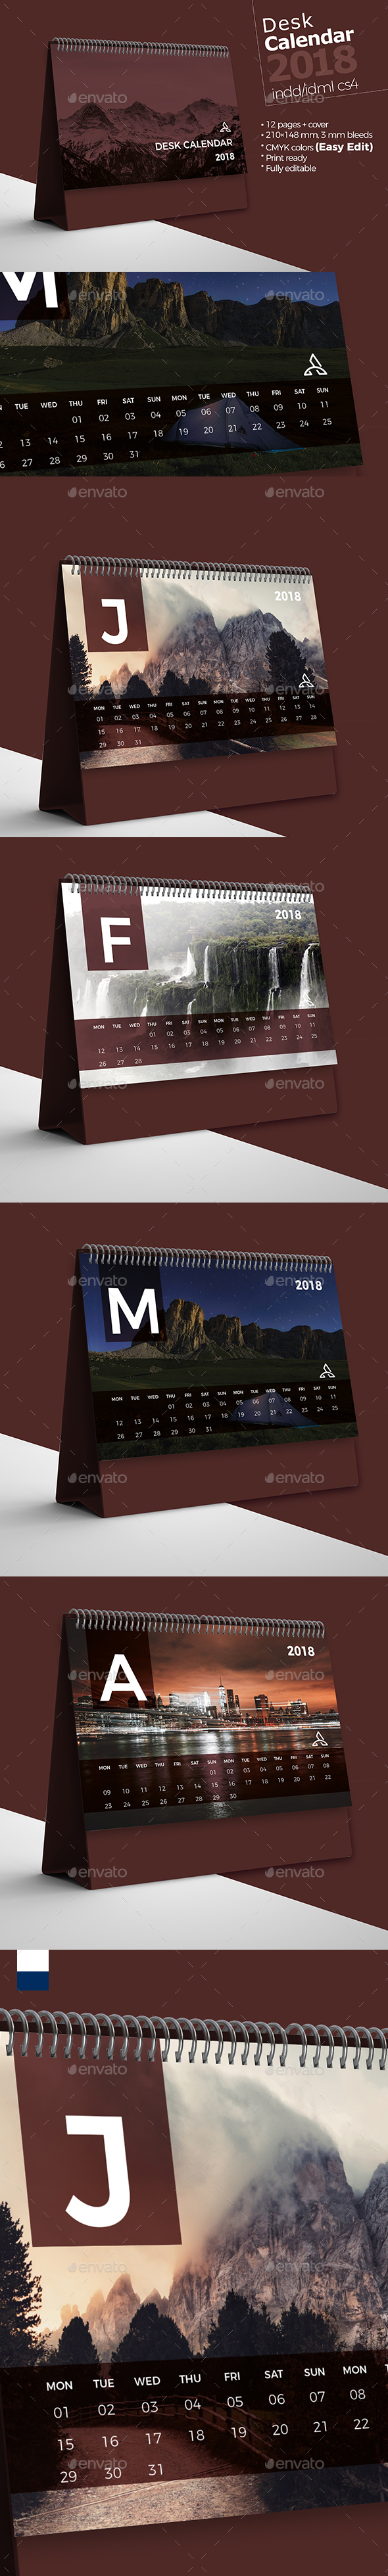 GraphicRiver Desk Calendar 2018 21023772